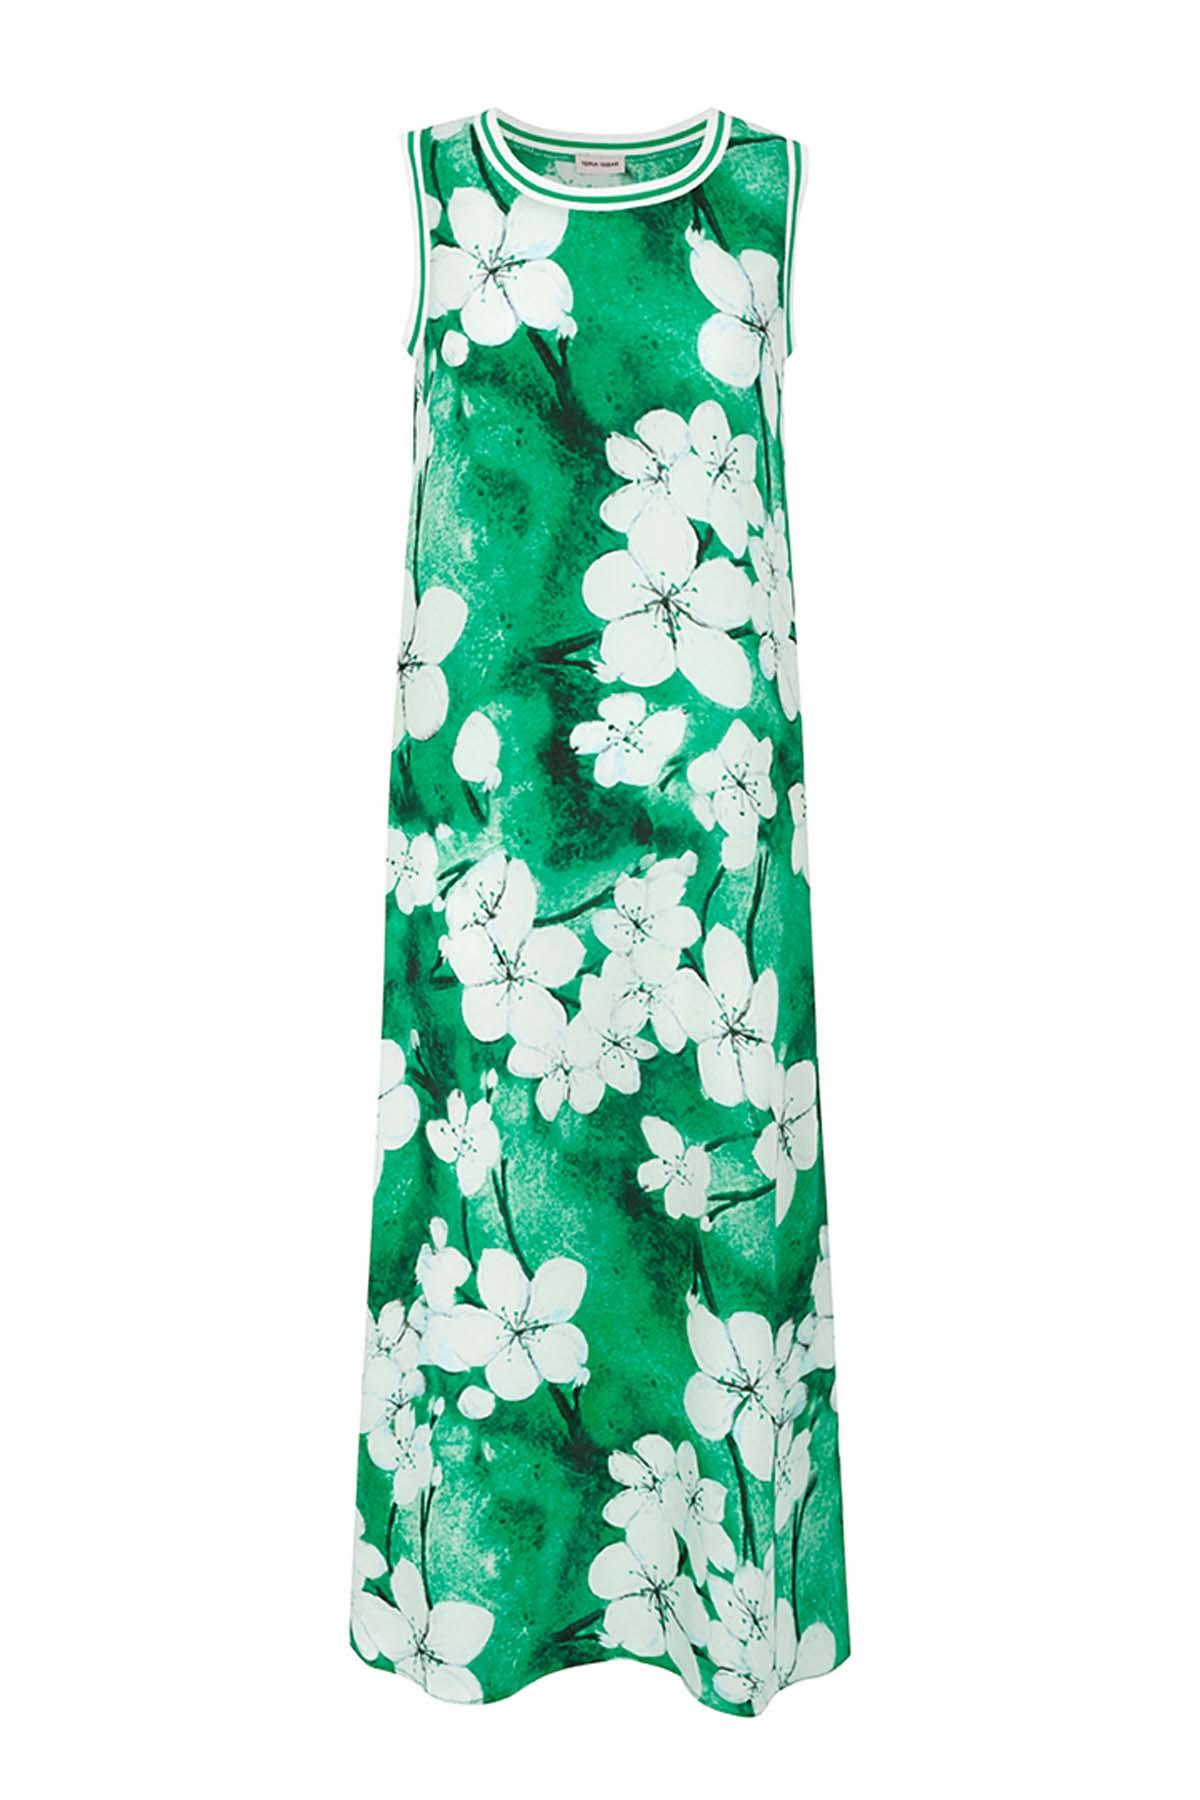 Teria Yabar - Vestido verde largo de verano